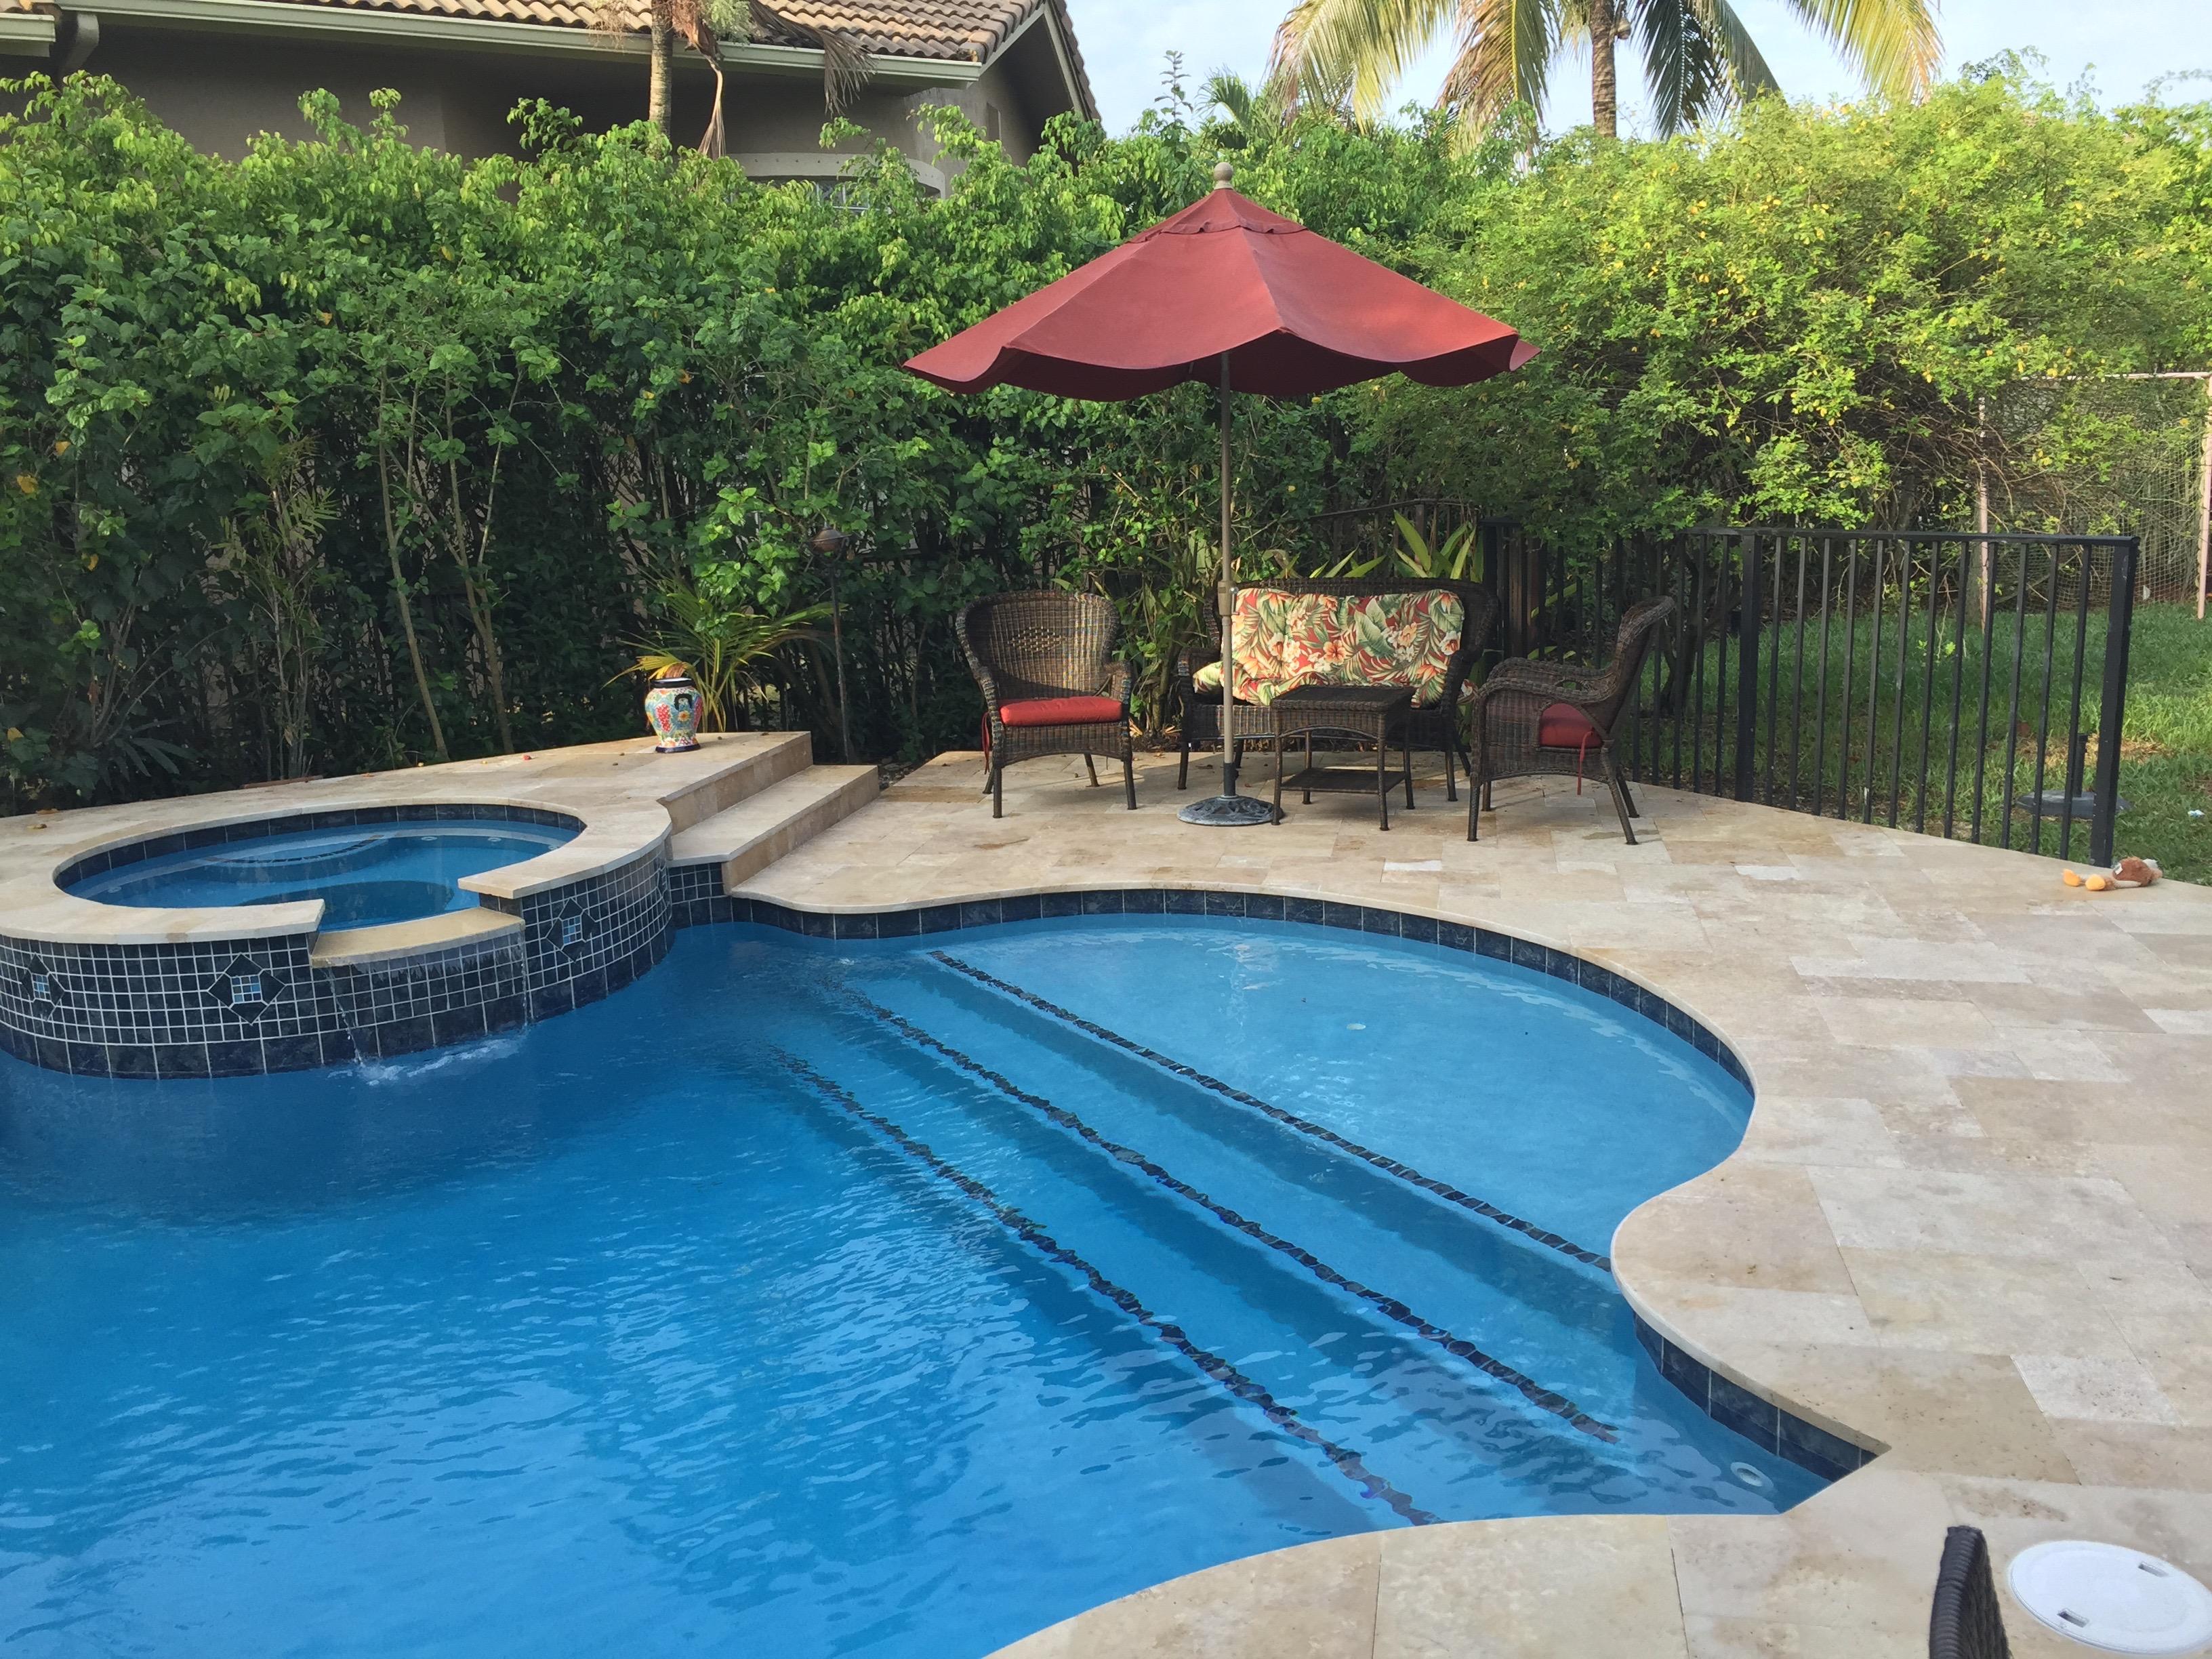 aquafresh pools u2013 your pool company